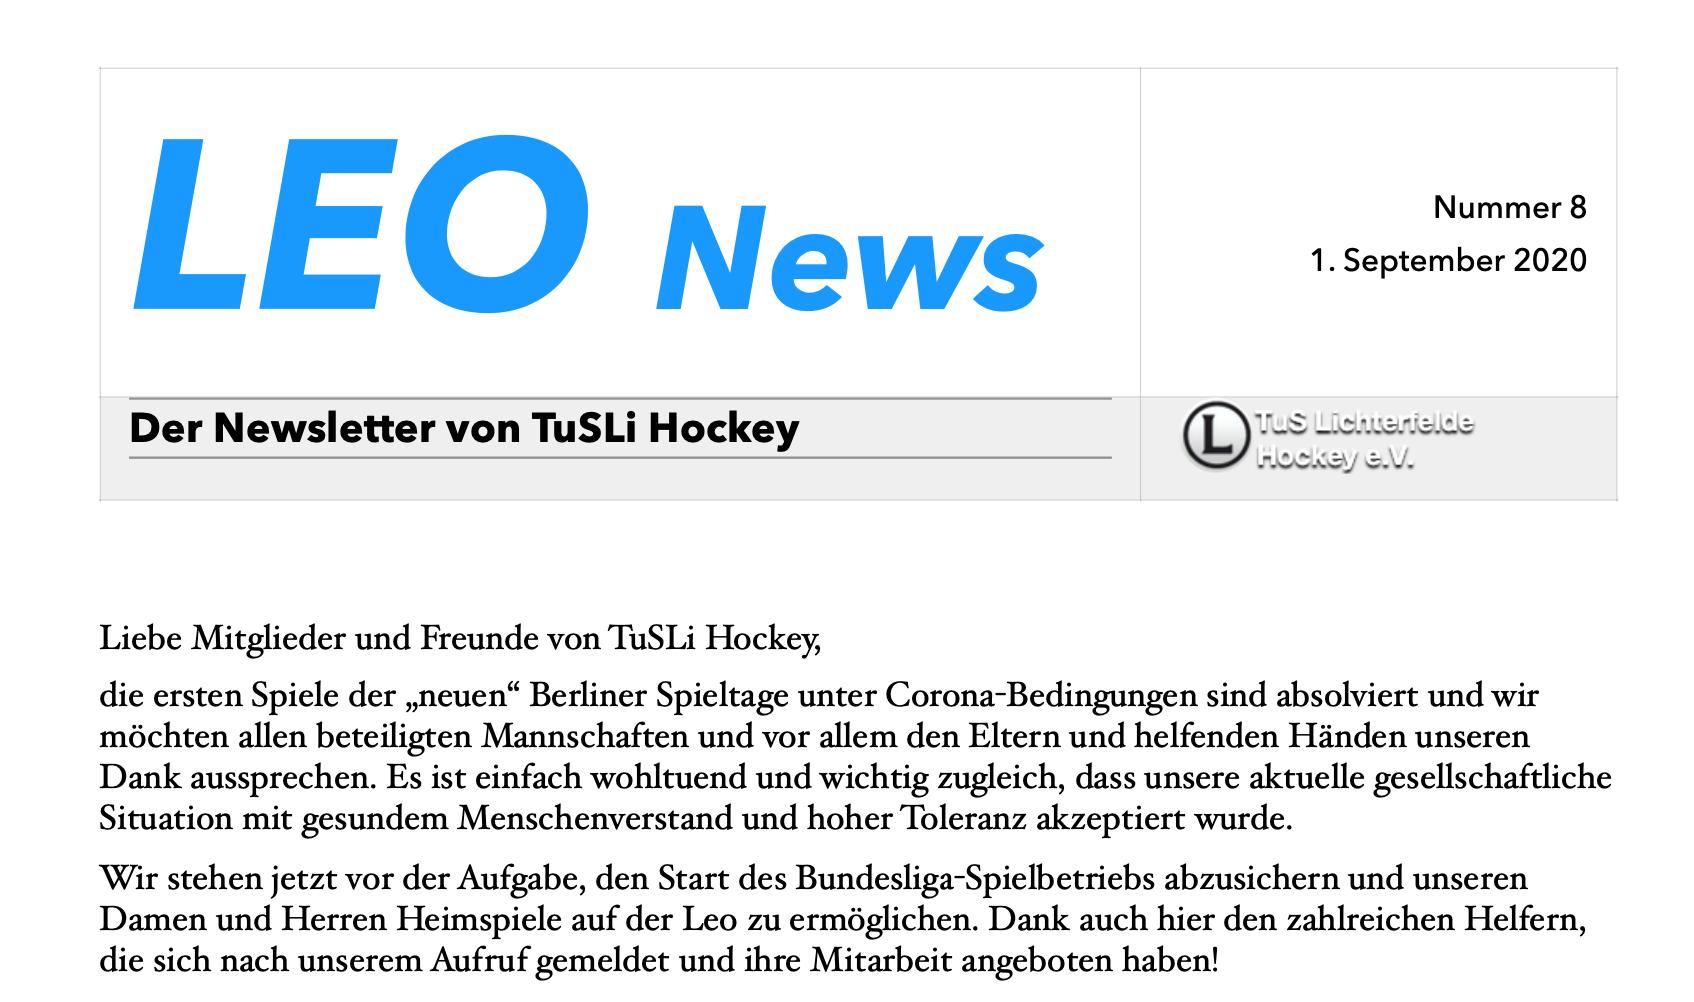 LEO News 8: alle Infos rund um den ersten Bundesligaspieltag